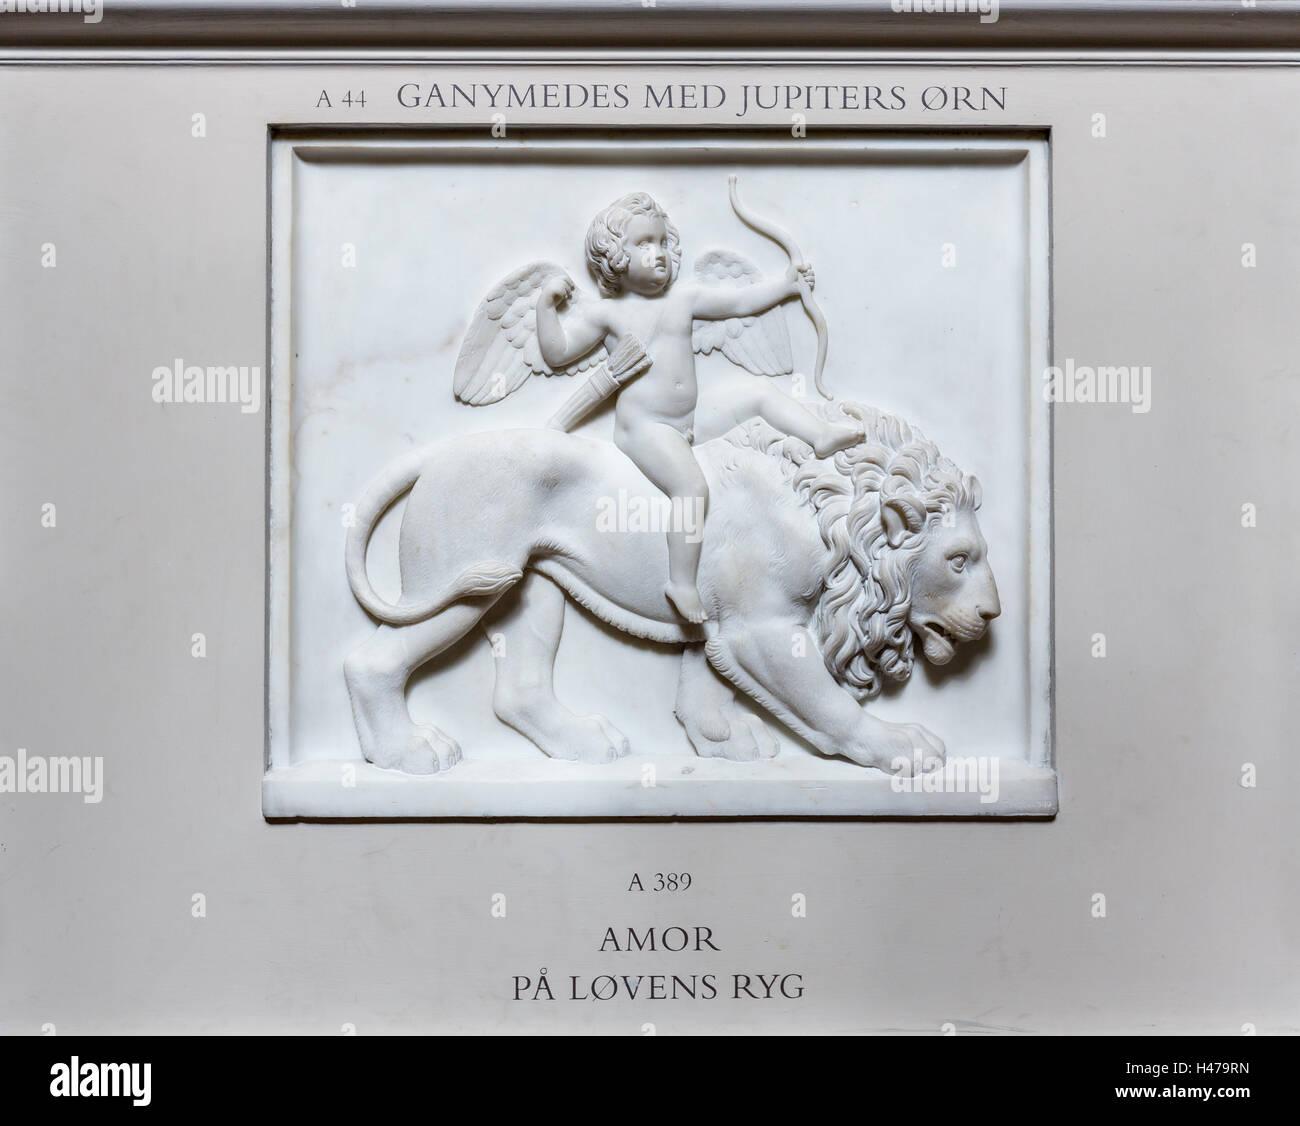 Cupido en la espalda de un león - Amor, Museo Thorvaldsen, Copenhague, Dinamarca Imagen De Stock